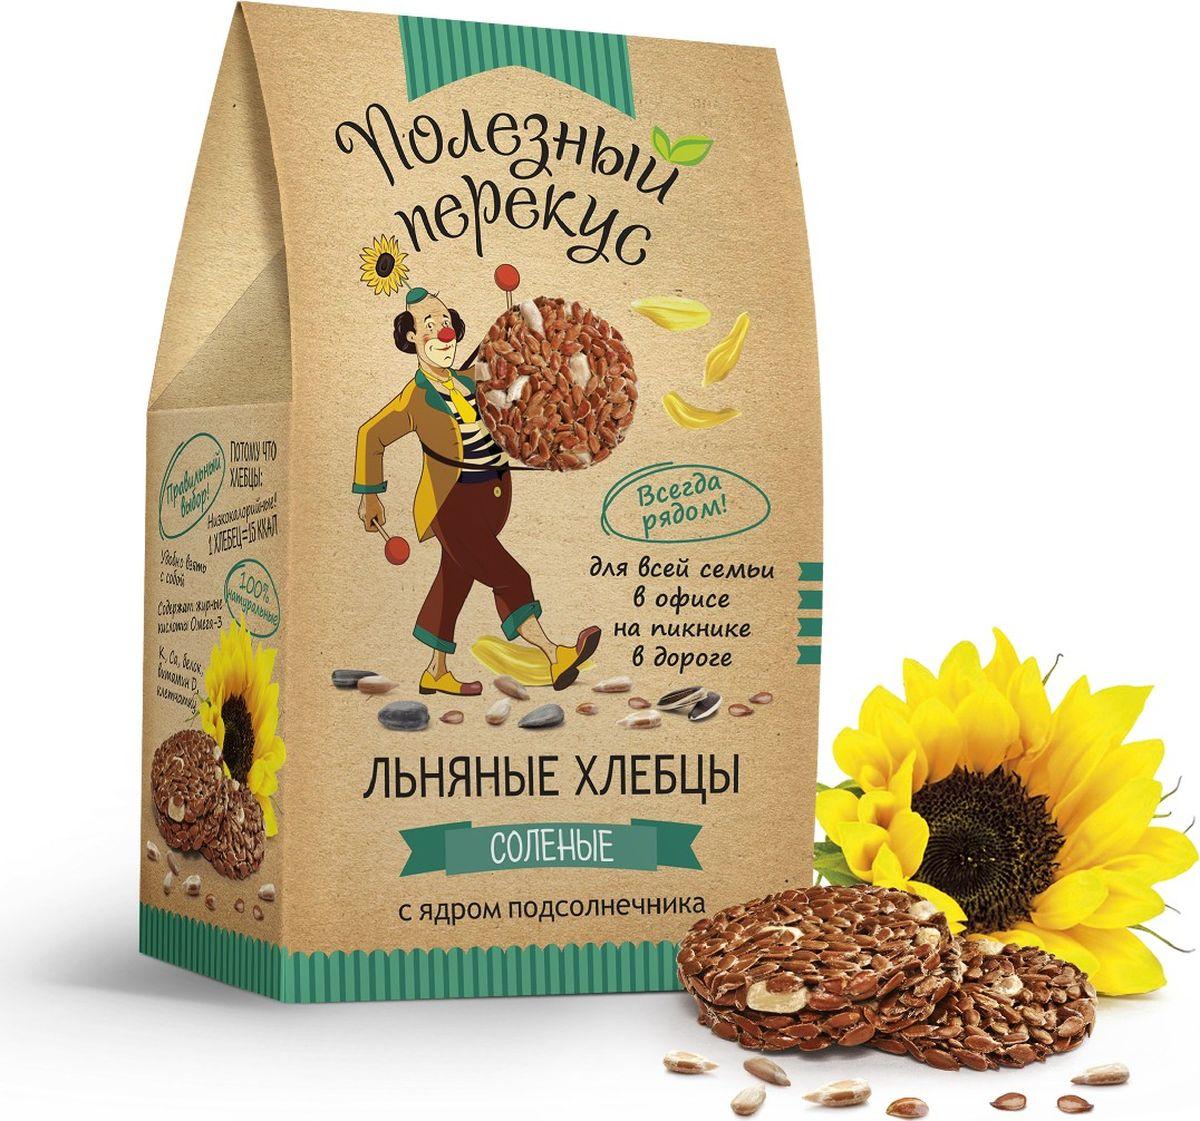 Полезный перекус Похрусти хлебцы льняные соленые с ядром подсолнечника, 100 г райская птица молочный шоколад 38